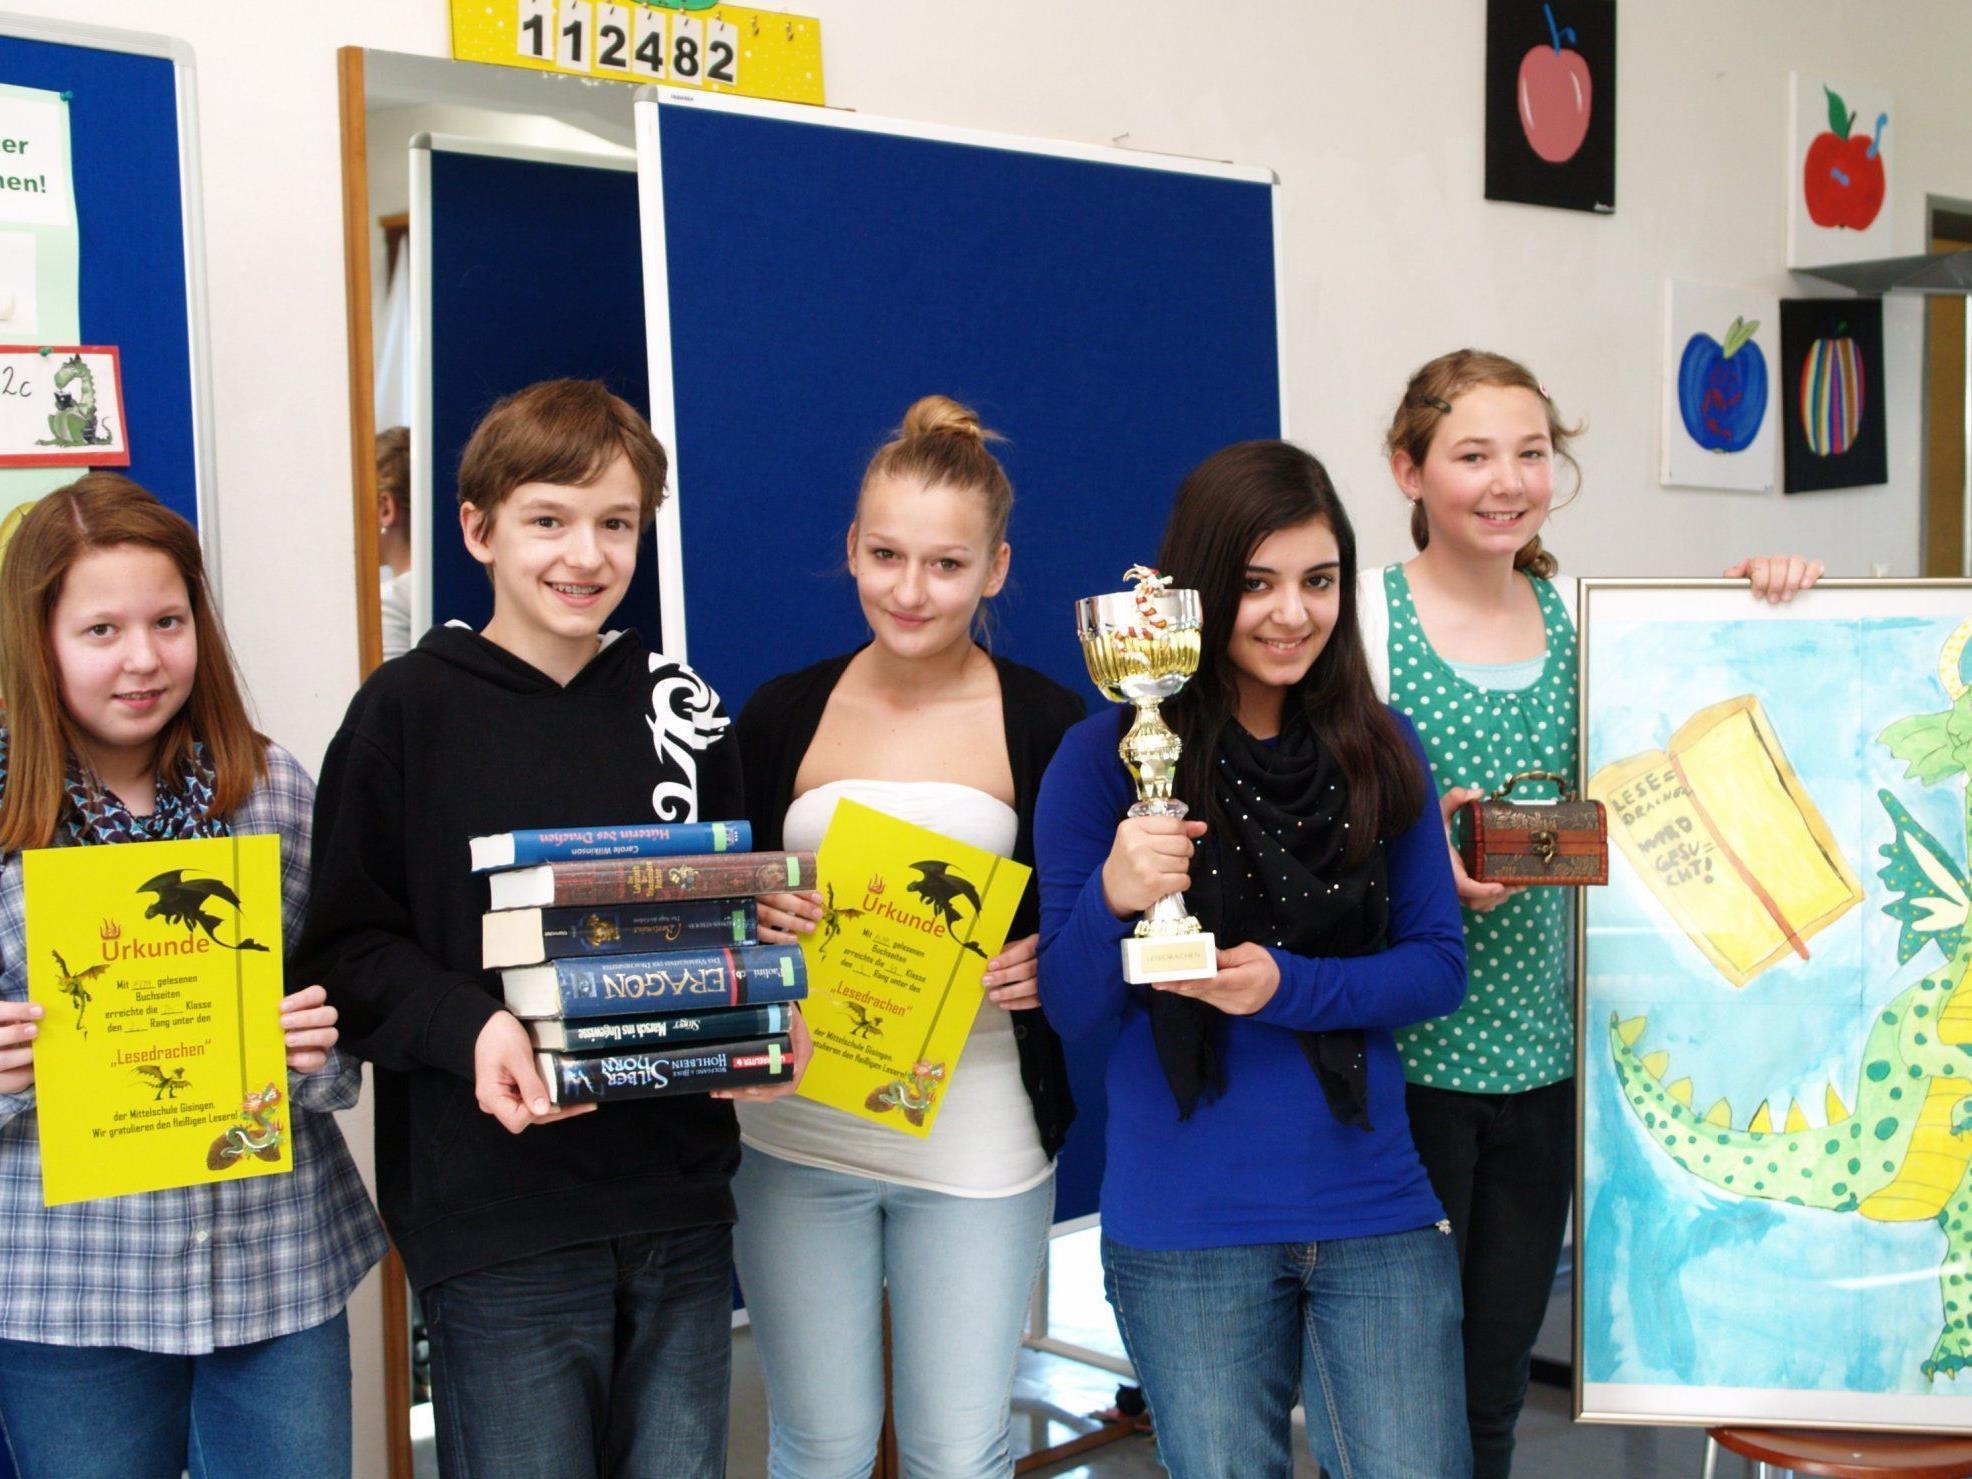 Die Klassensprecher der lesefreudigsten Klassen übernahmen stellvertretend einen Preis.